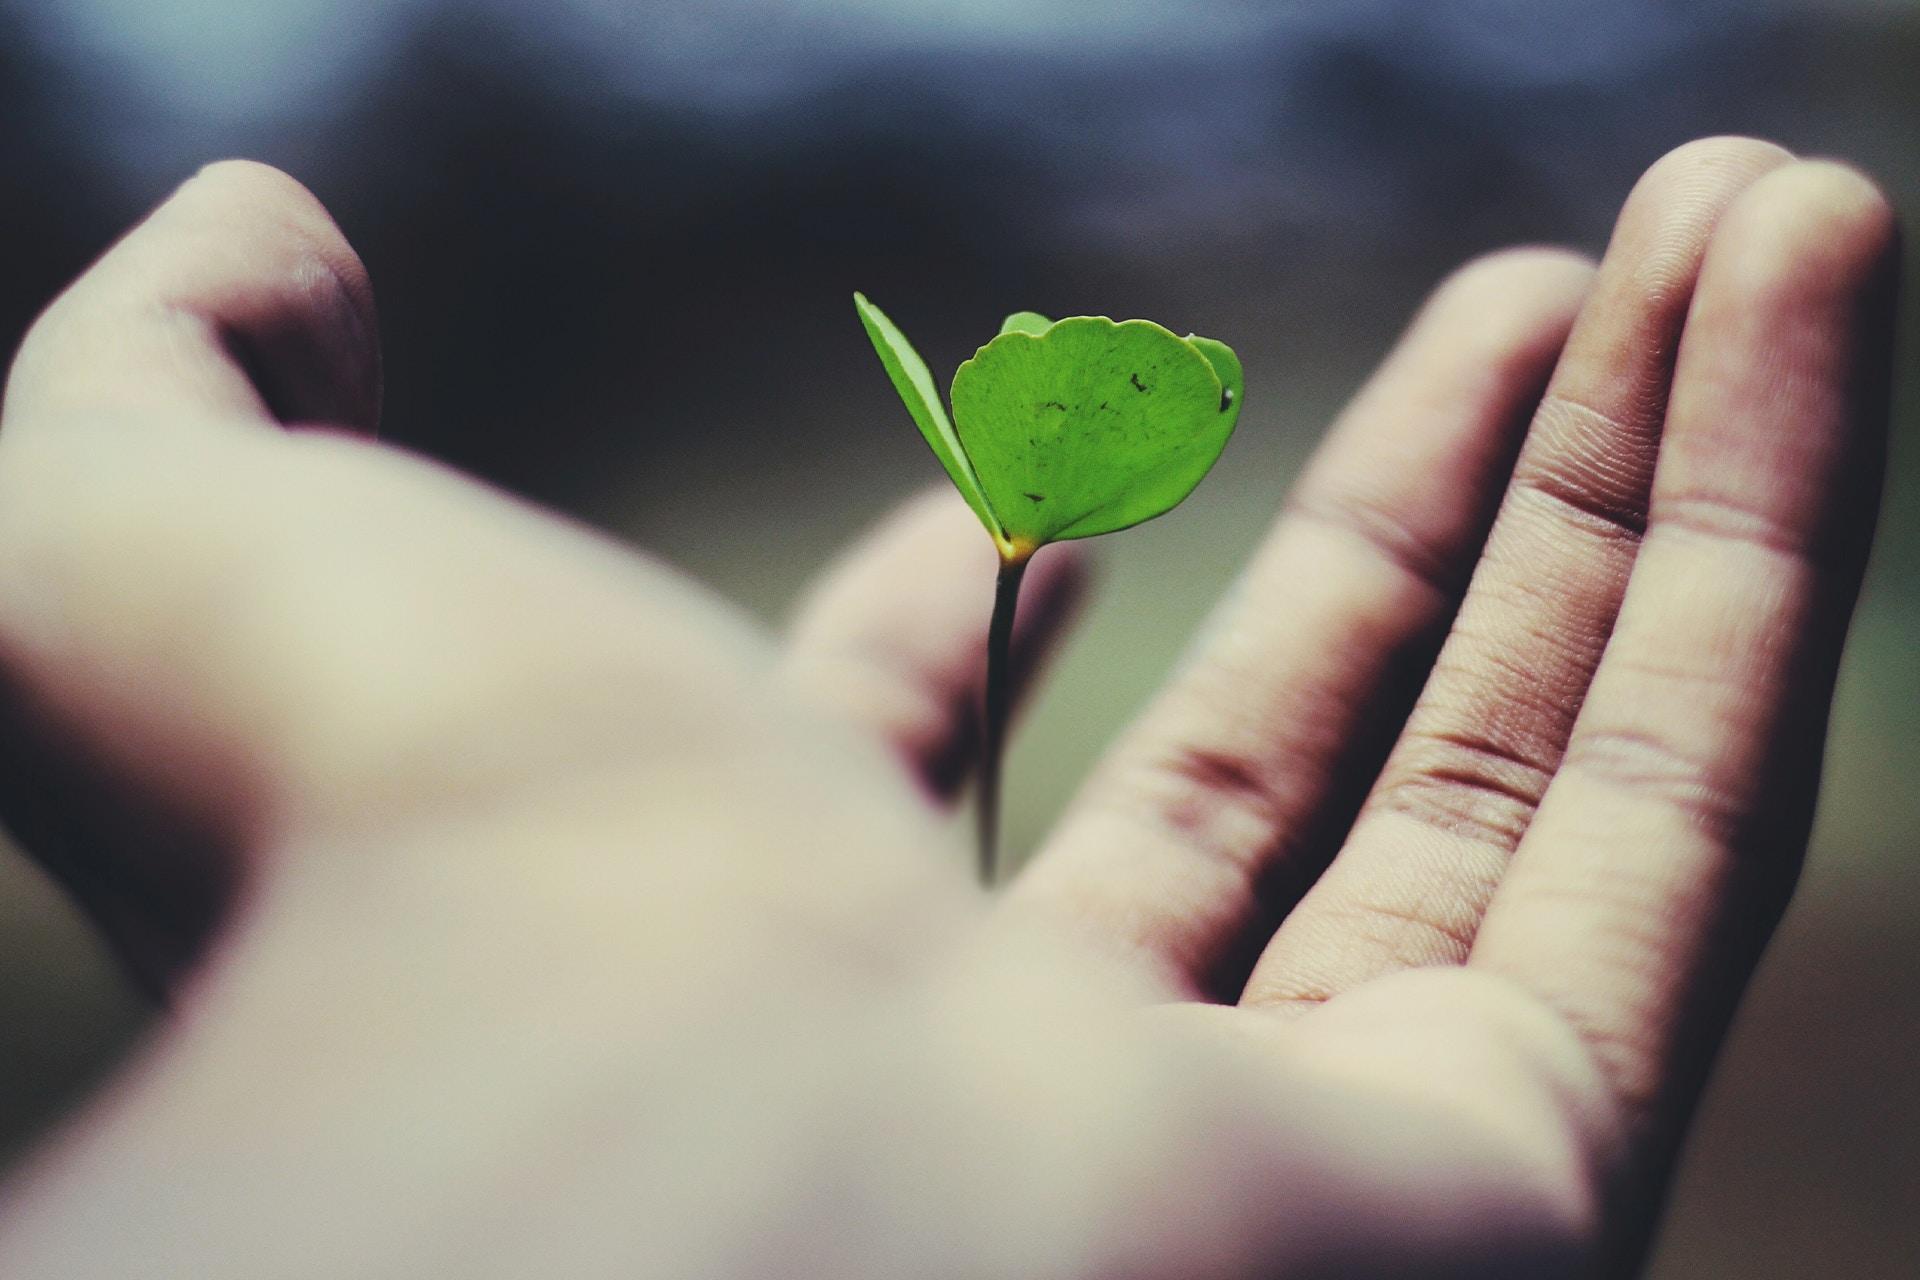 Une image d'une main tenant une graine germée. Cette image est l'en-tête de notre blog sur le growth hacking pour les professionnels du marketing